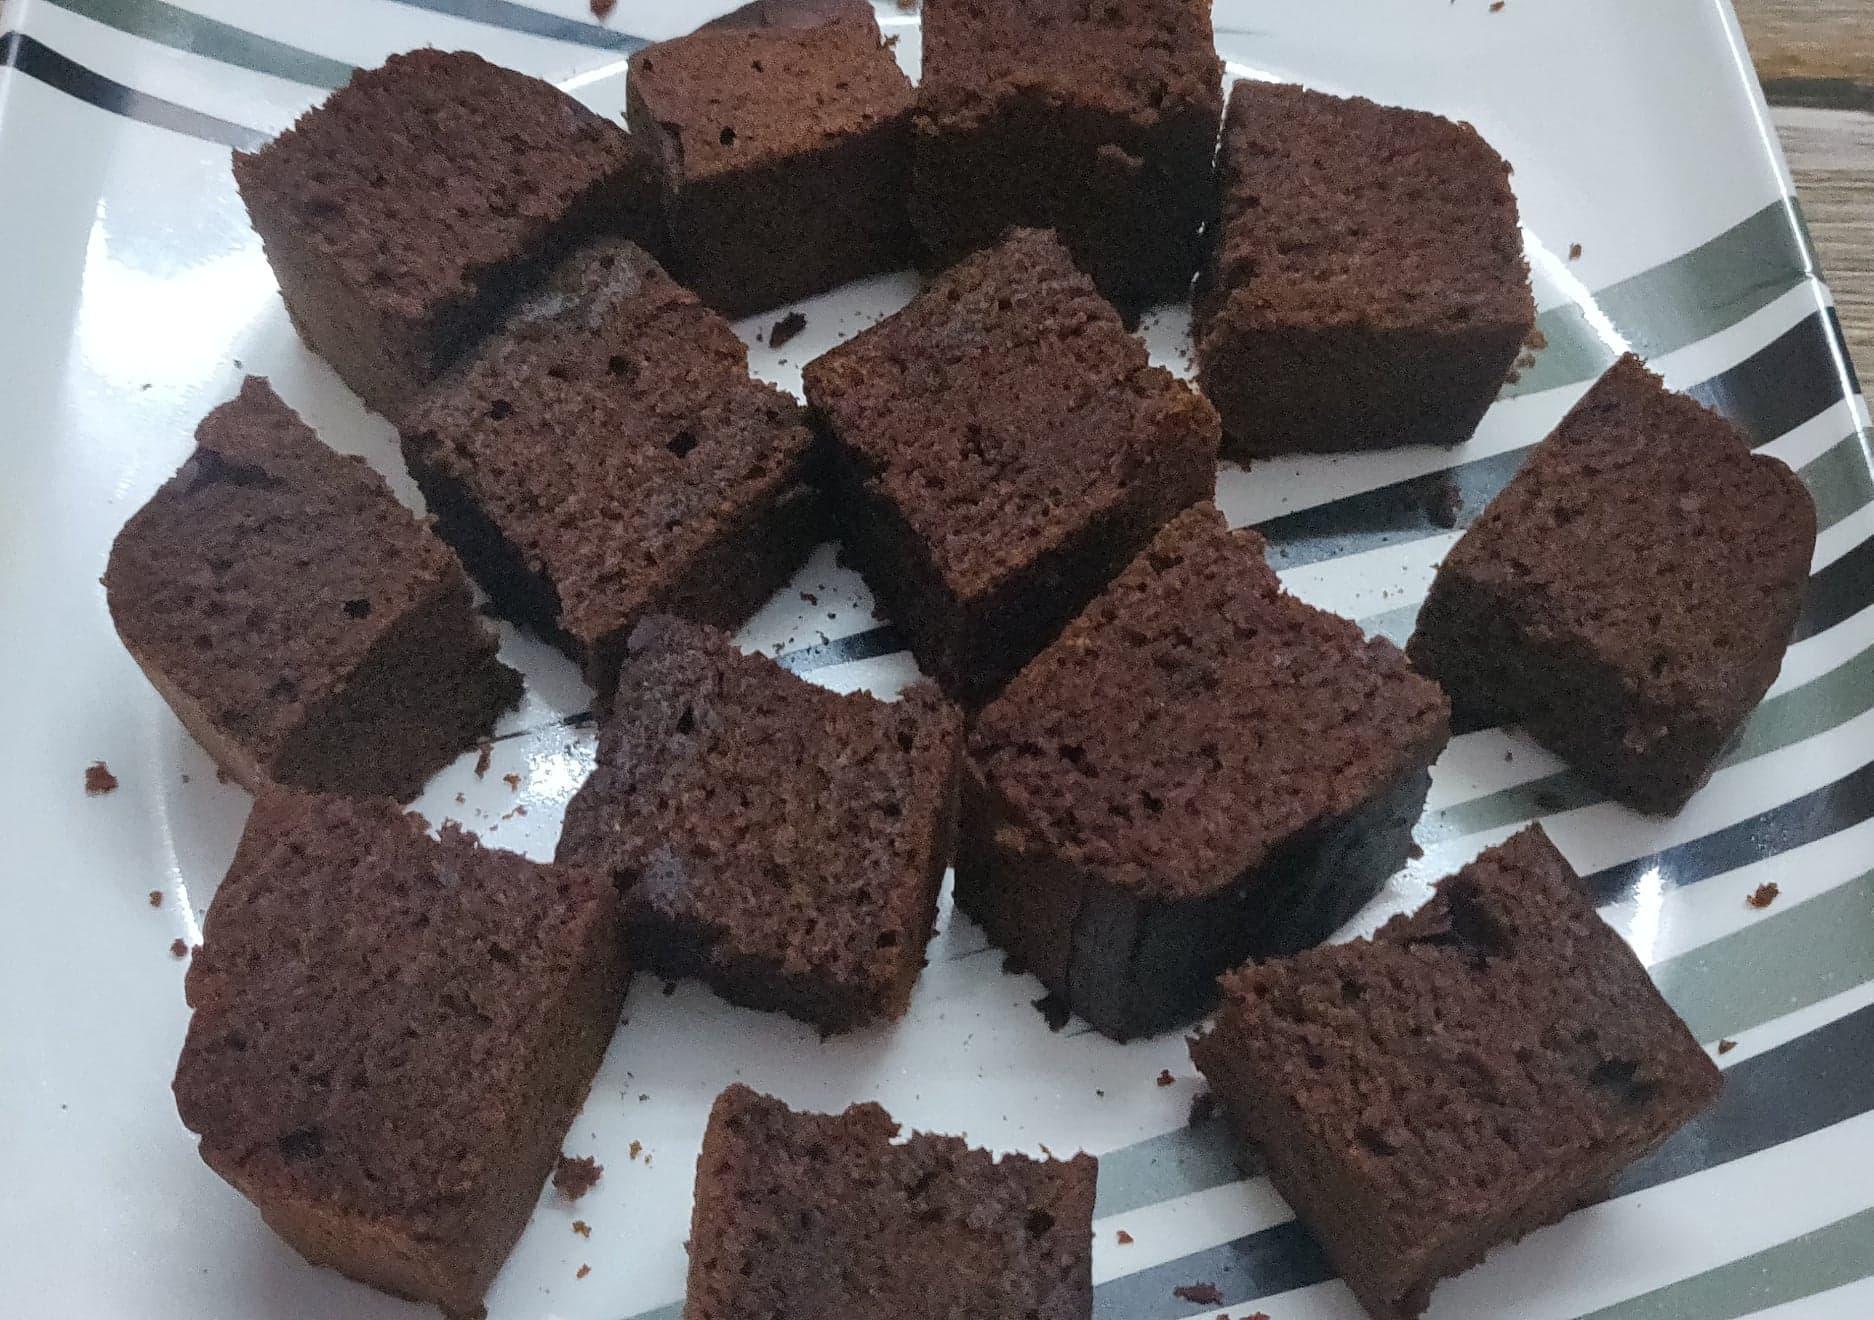 biscuit_cake - 105517685_2658374967814161_1145864212614135462_n